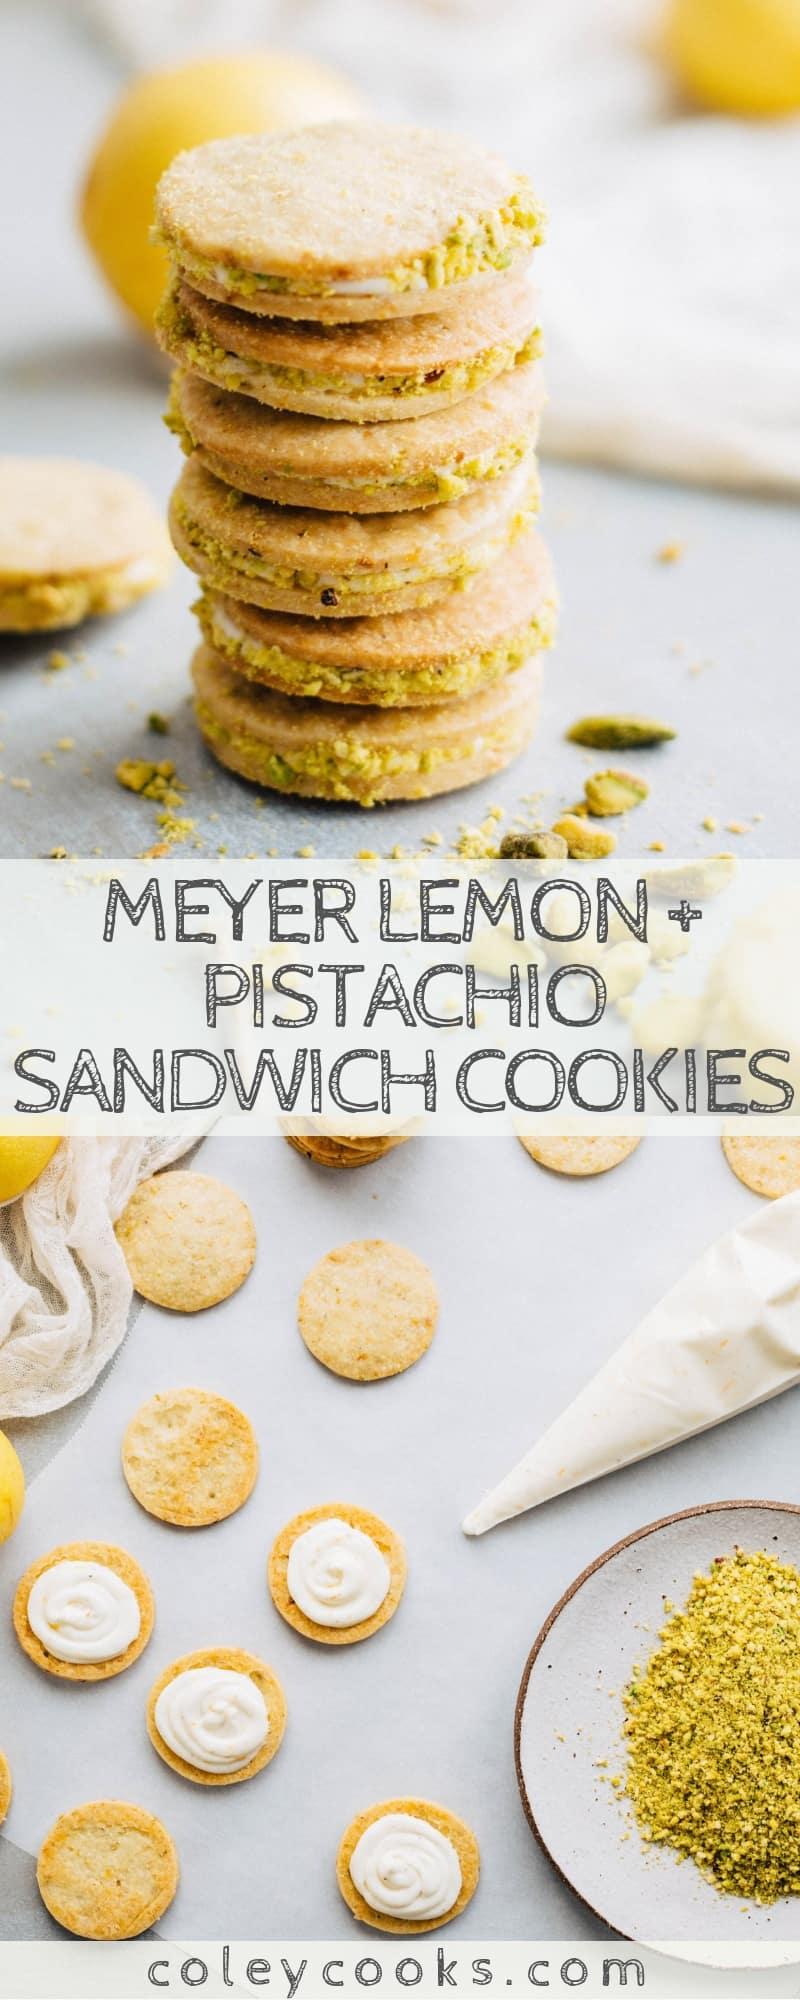 Meyer Lemon Pistachio Sandwich Cookies Coley Cooks